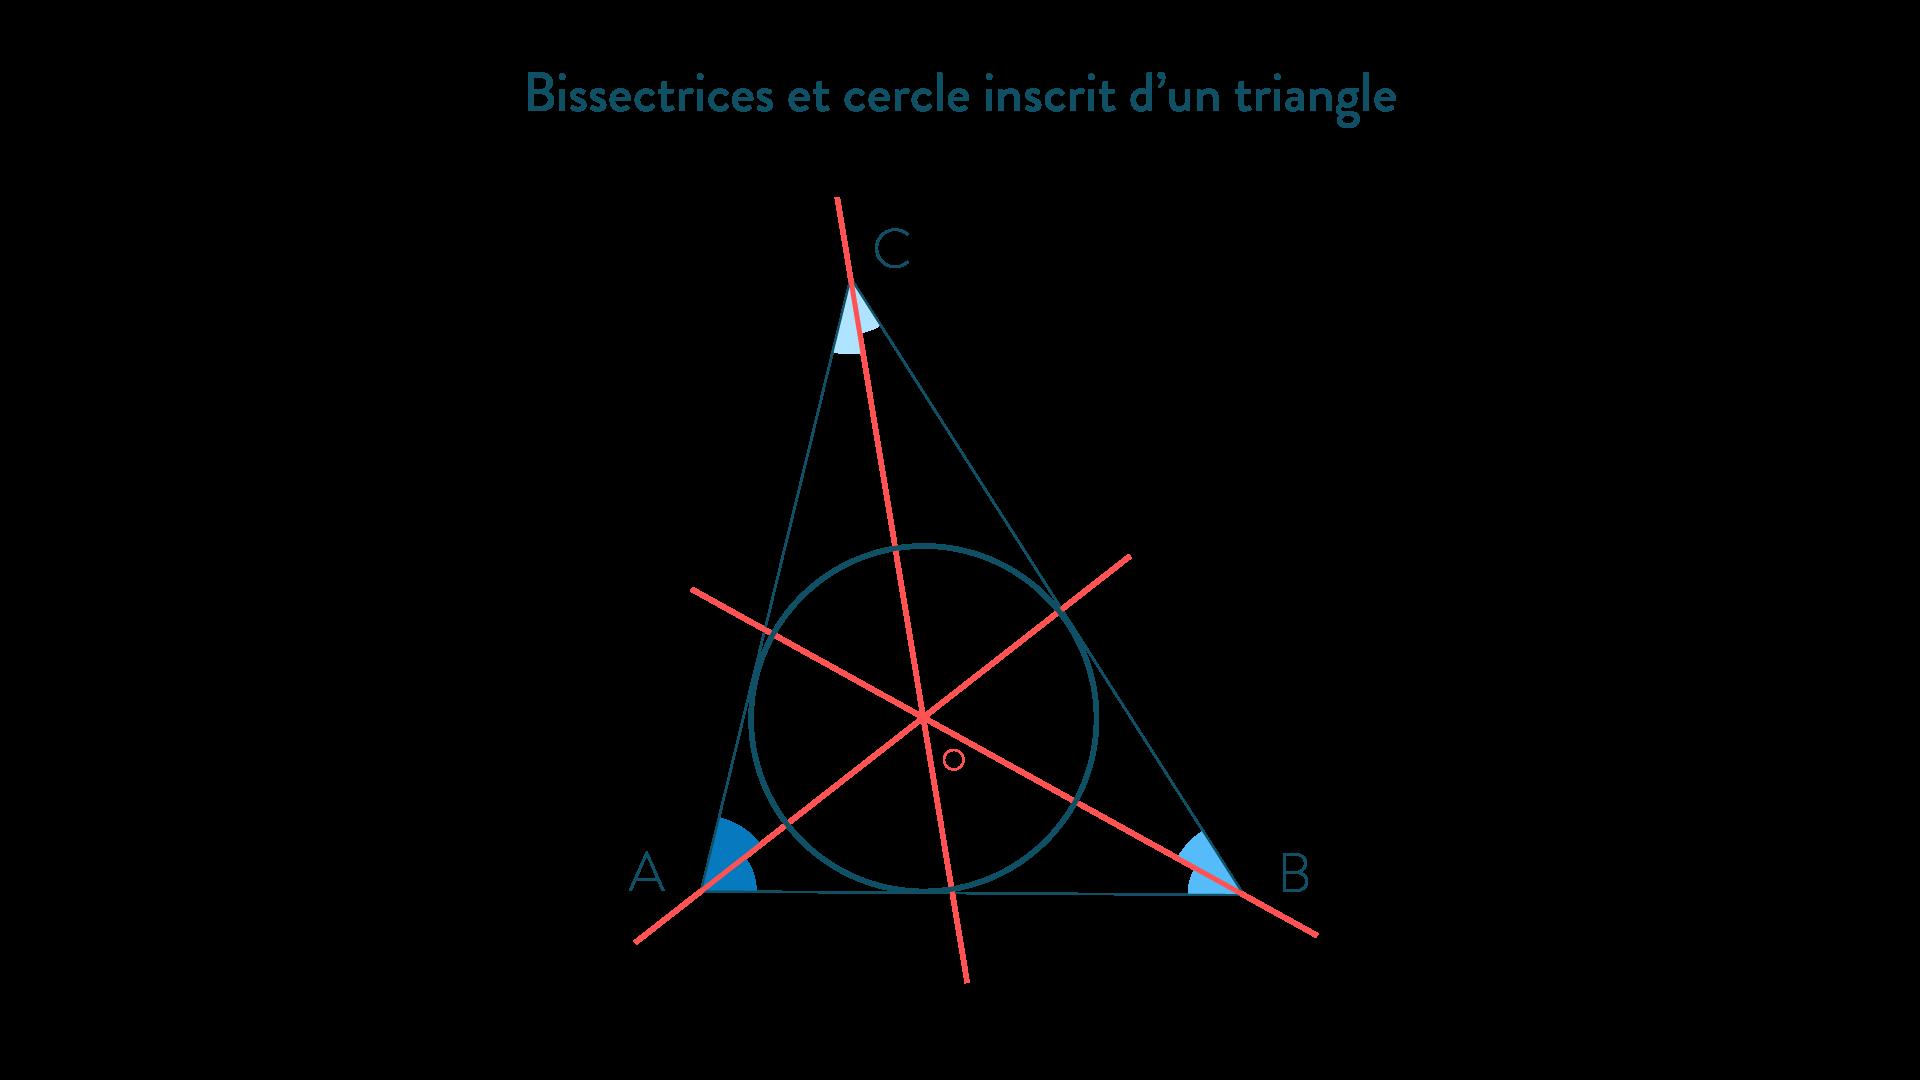 Bissectrices et cercle inscrit dans un triangle-Mathématiques-4e